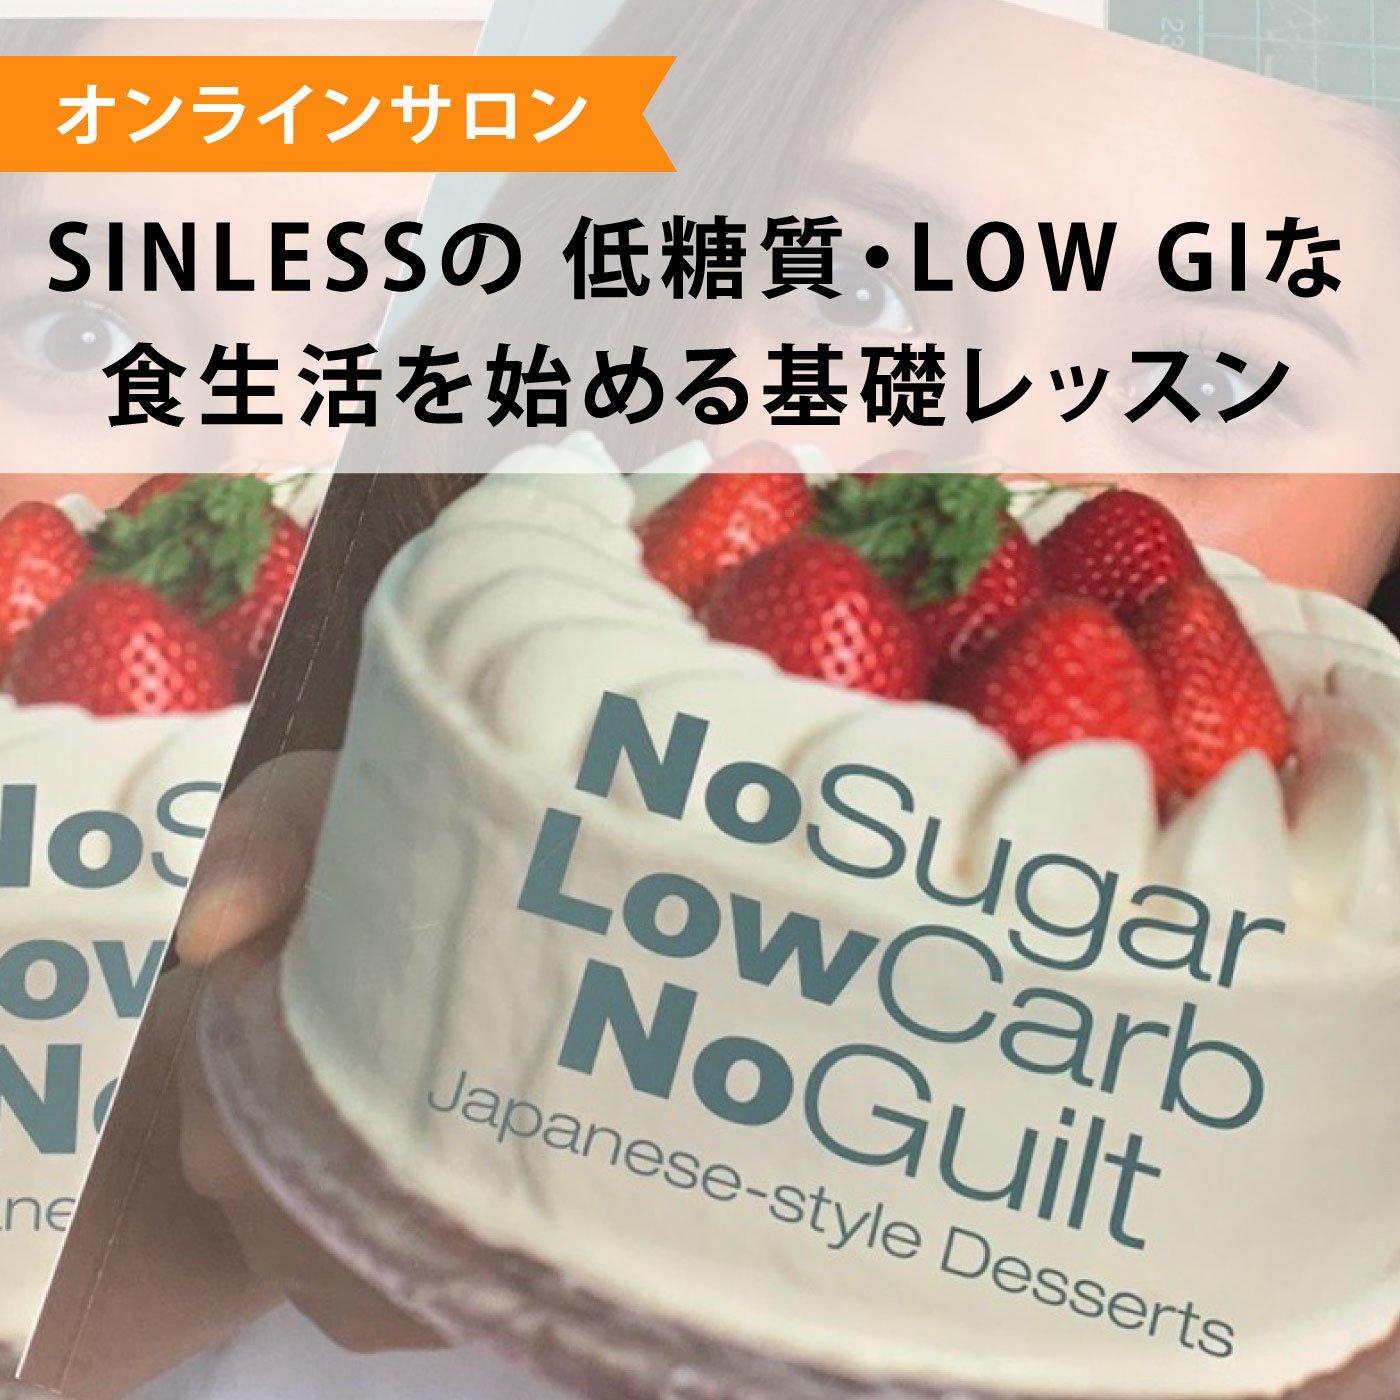 《お申し込み締め切り:2021年2月分まで》【オンラインサロン】SINLESSの 低糖質・LOW GIな食生活を始める基礎レッスン